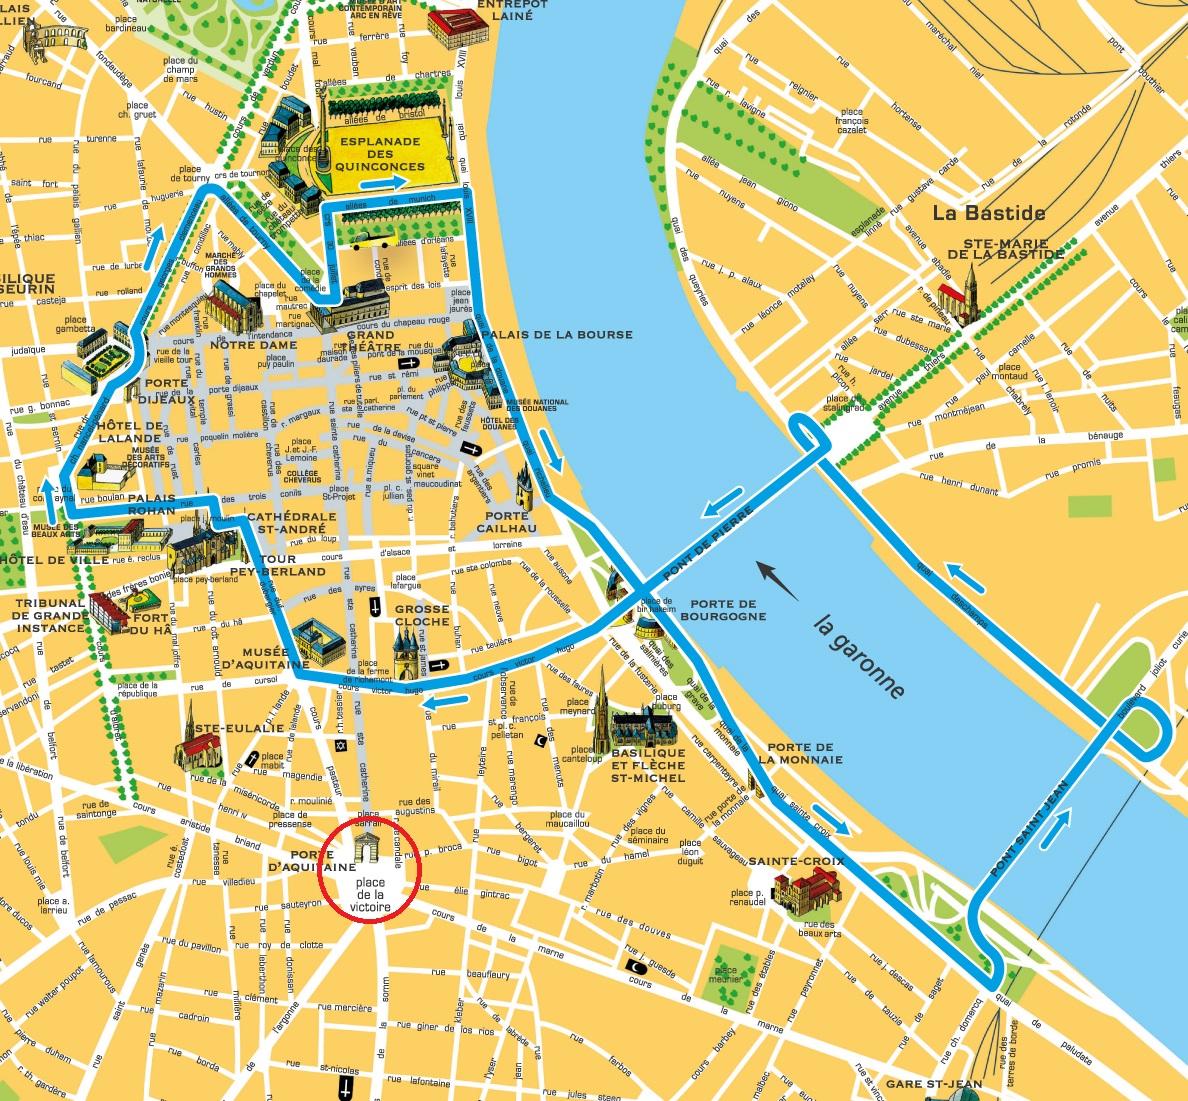 Bordeaux - Mapa retirado do site da cidade